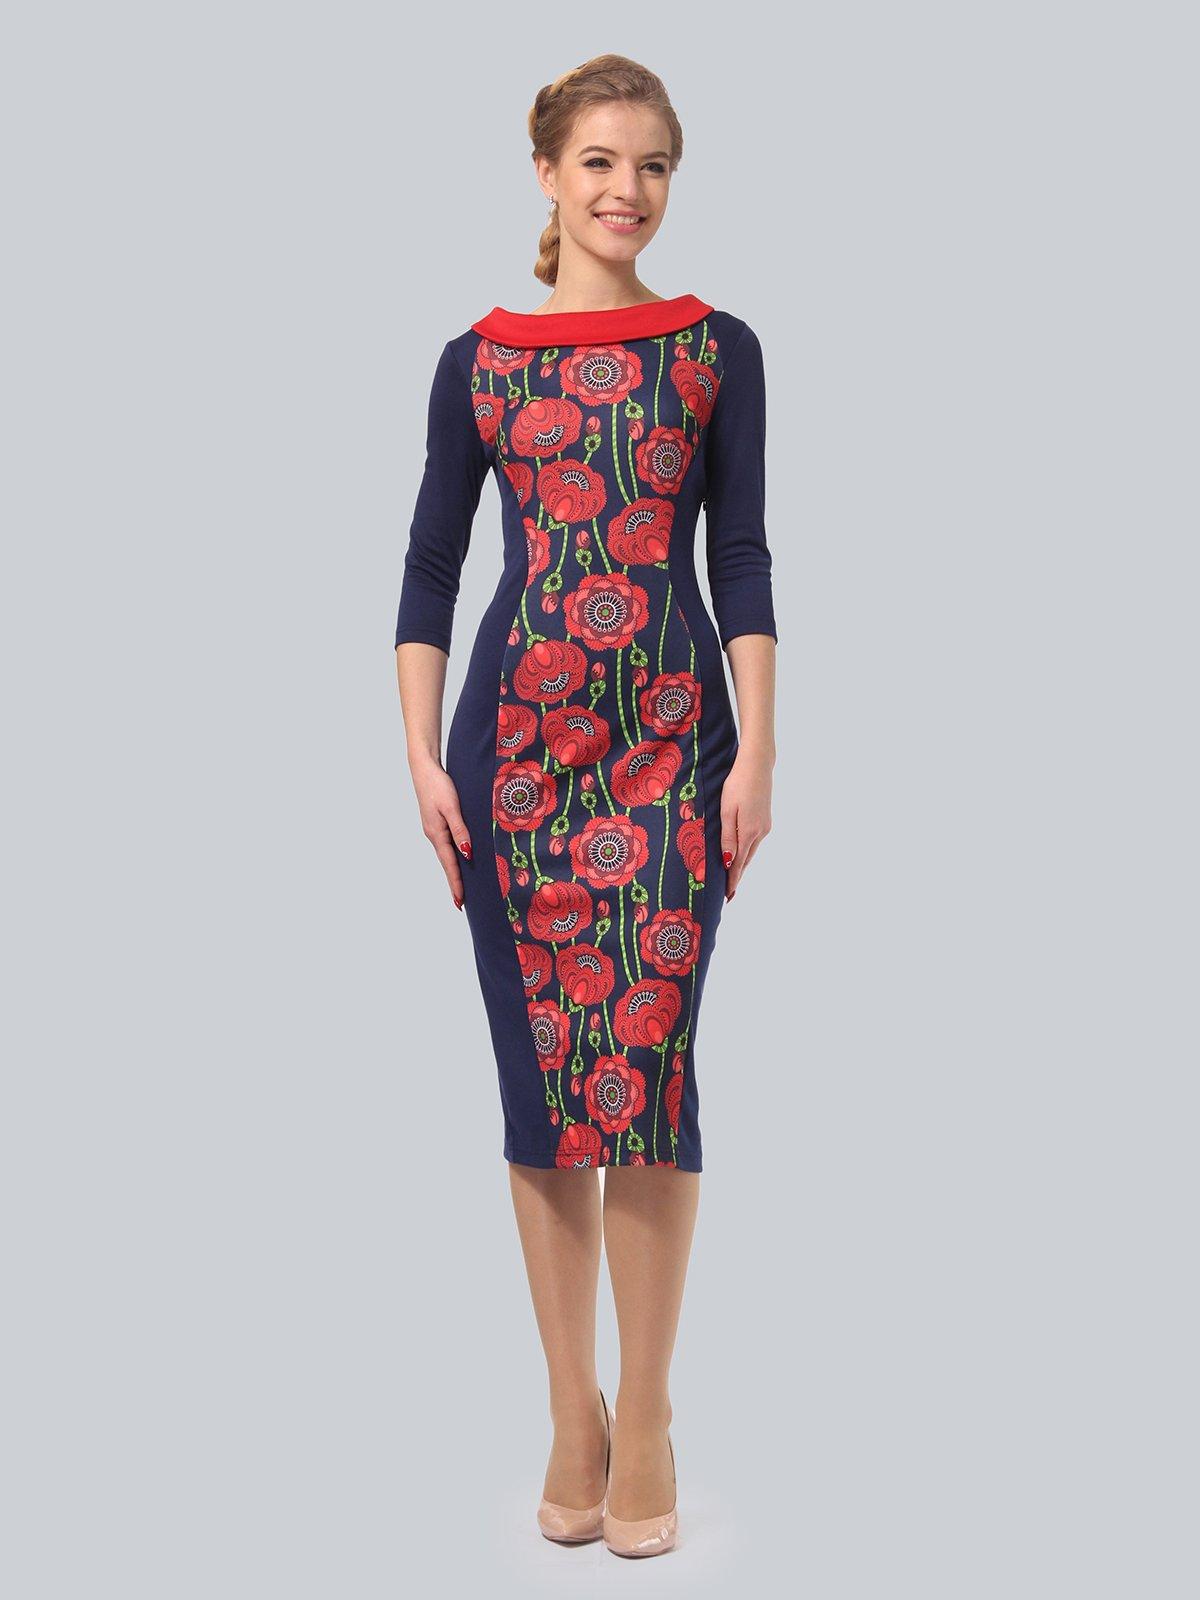 Платье синее с цветочным принтом   3840435   фото 2